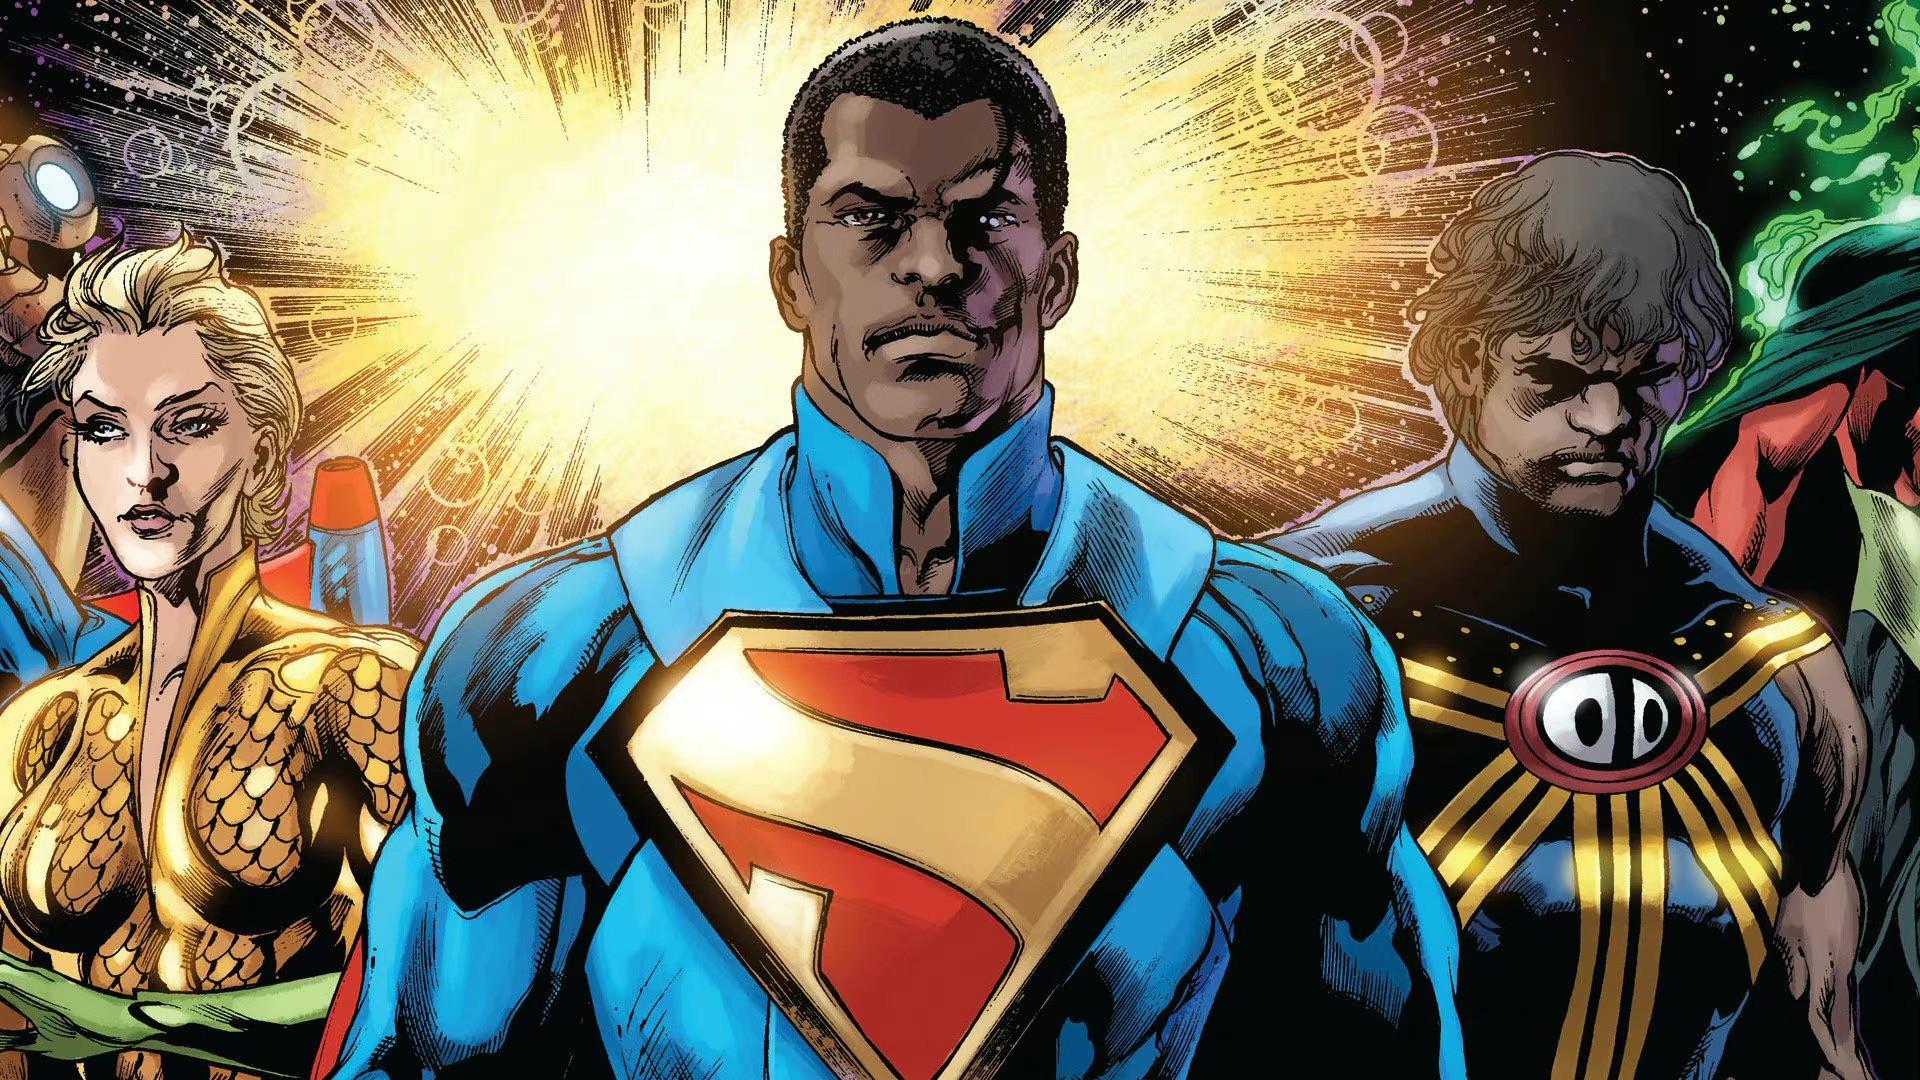 亨利·卡維爾生日當天 華納宣布黑人超人電影進展 又一迷之操作